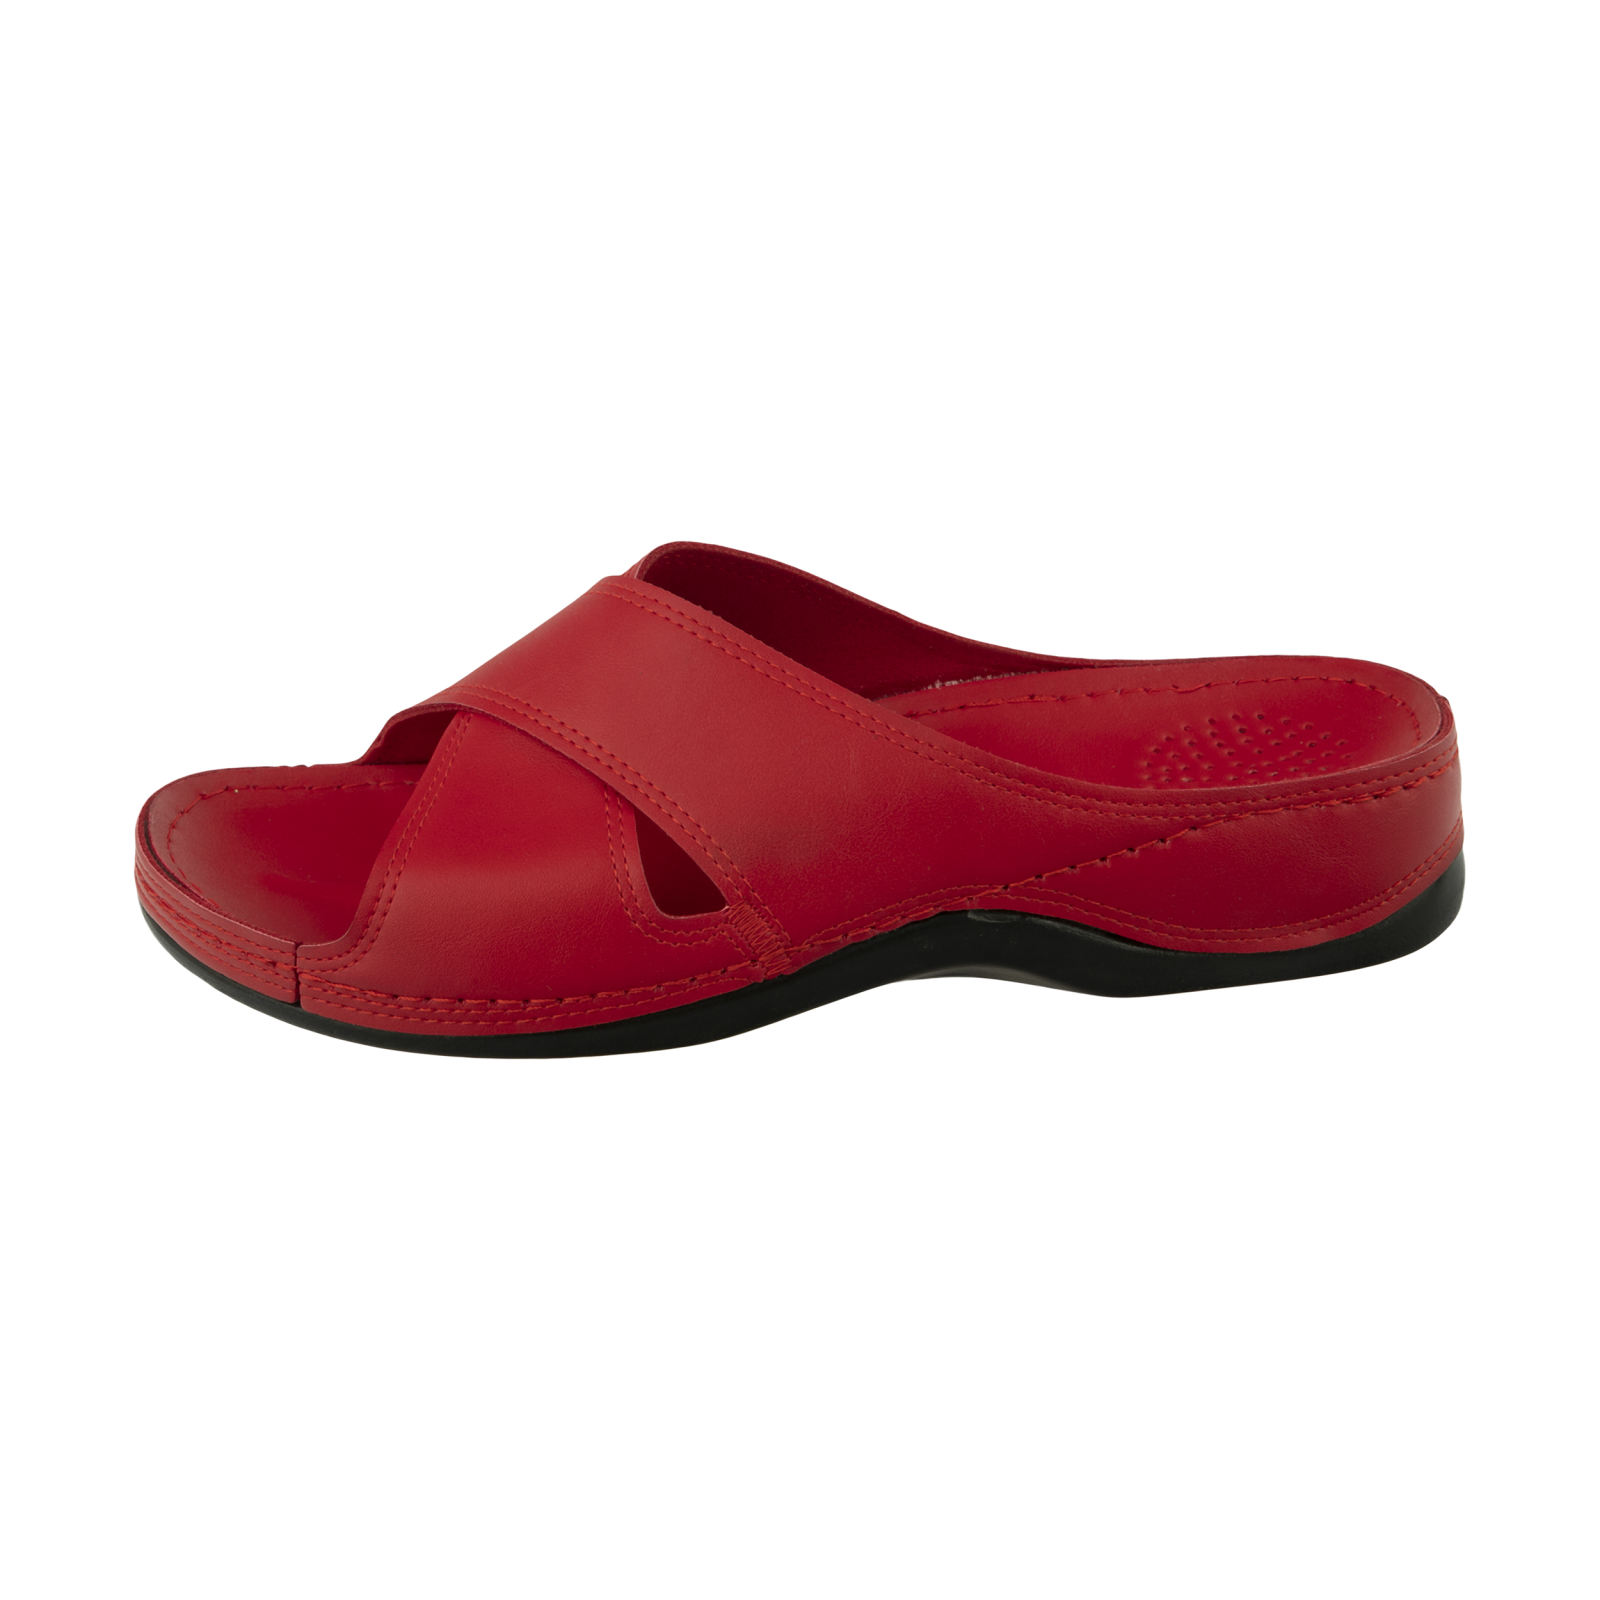 دمپایی زنانه کفش آویده کد av-0304506 رنگ قرمز -  - 2